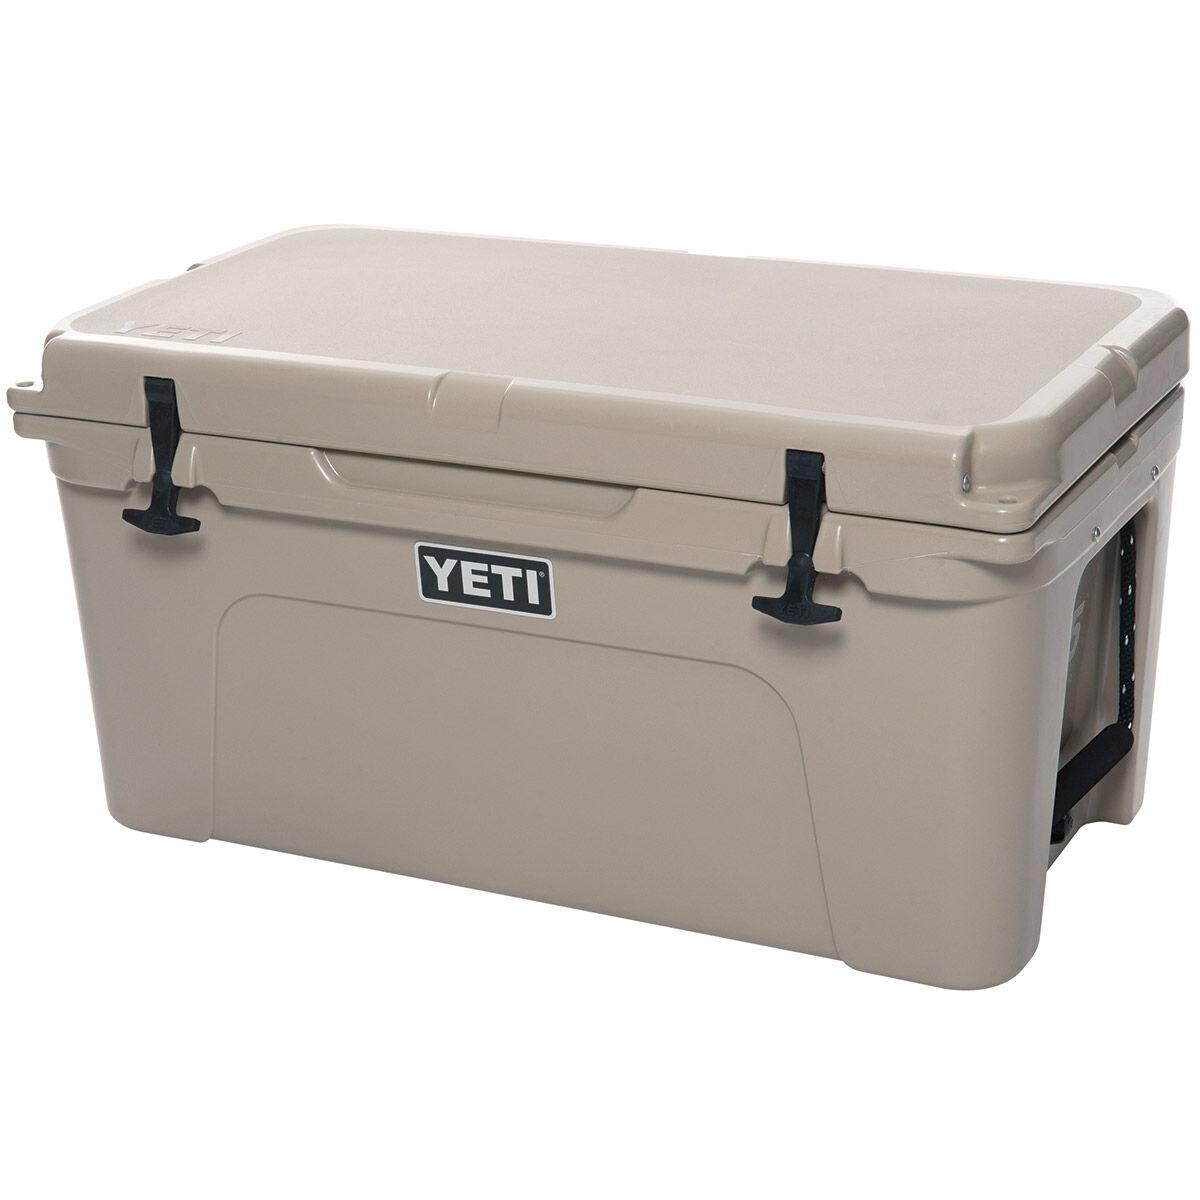 Yeti Tundra 65 Hard Cooler - Brown, NA